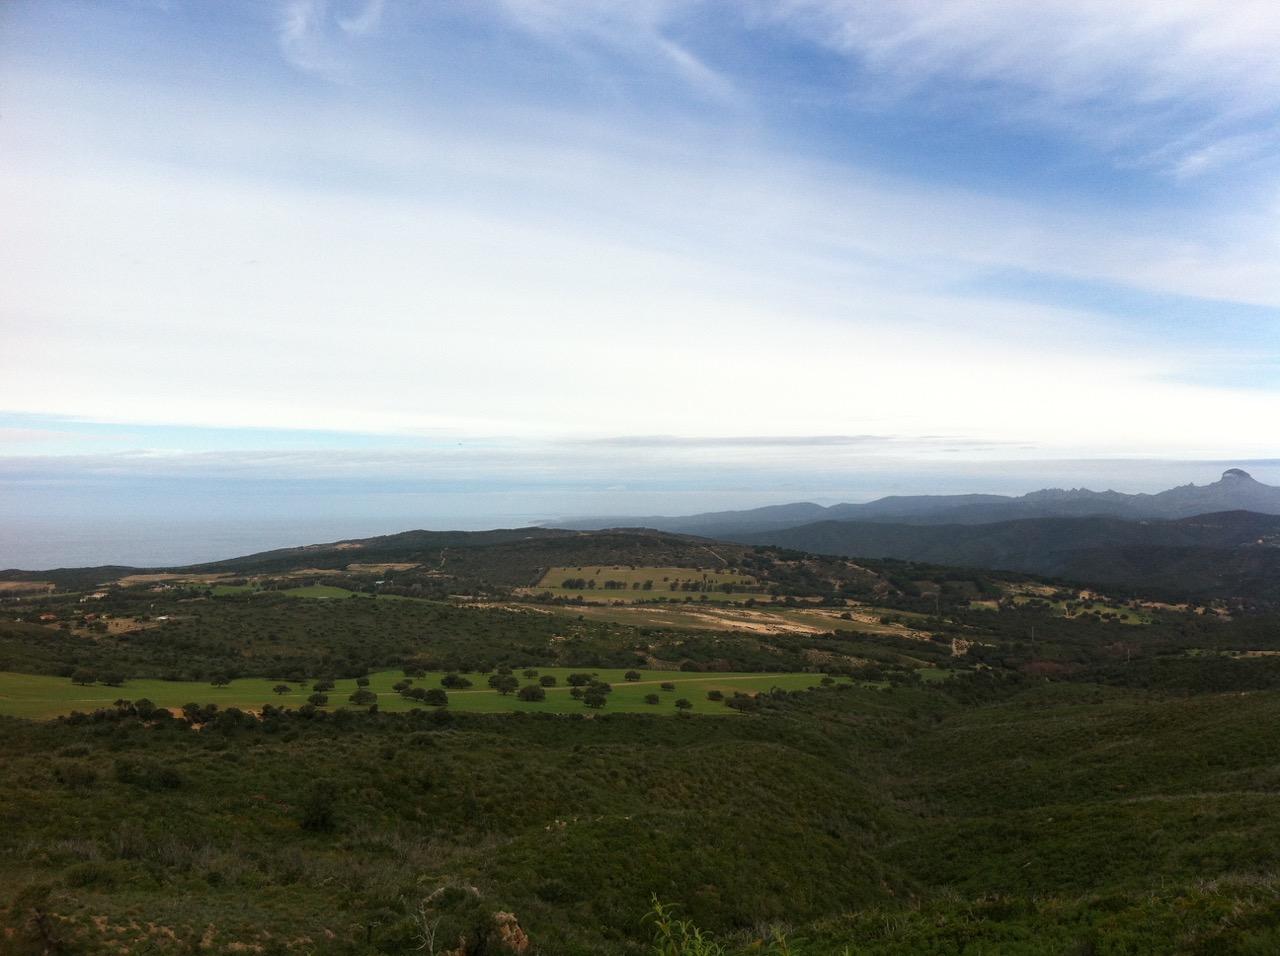 Von oben sehr grün: die Dünen reichen weit ins Hinterland